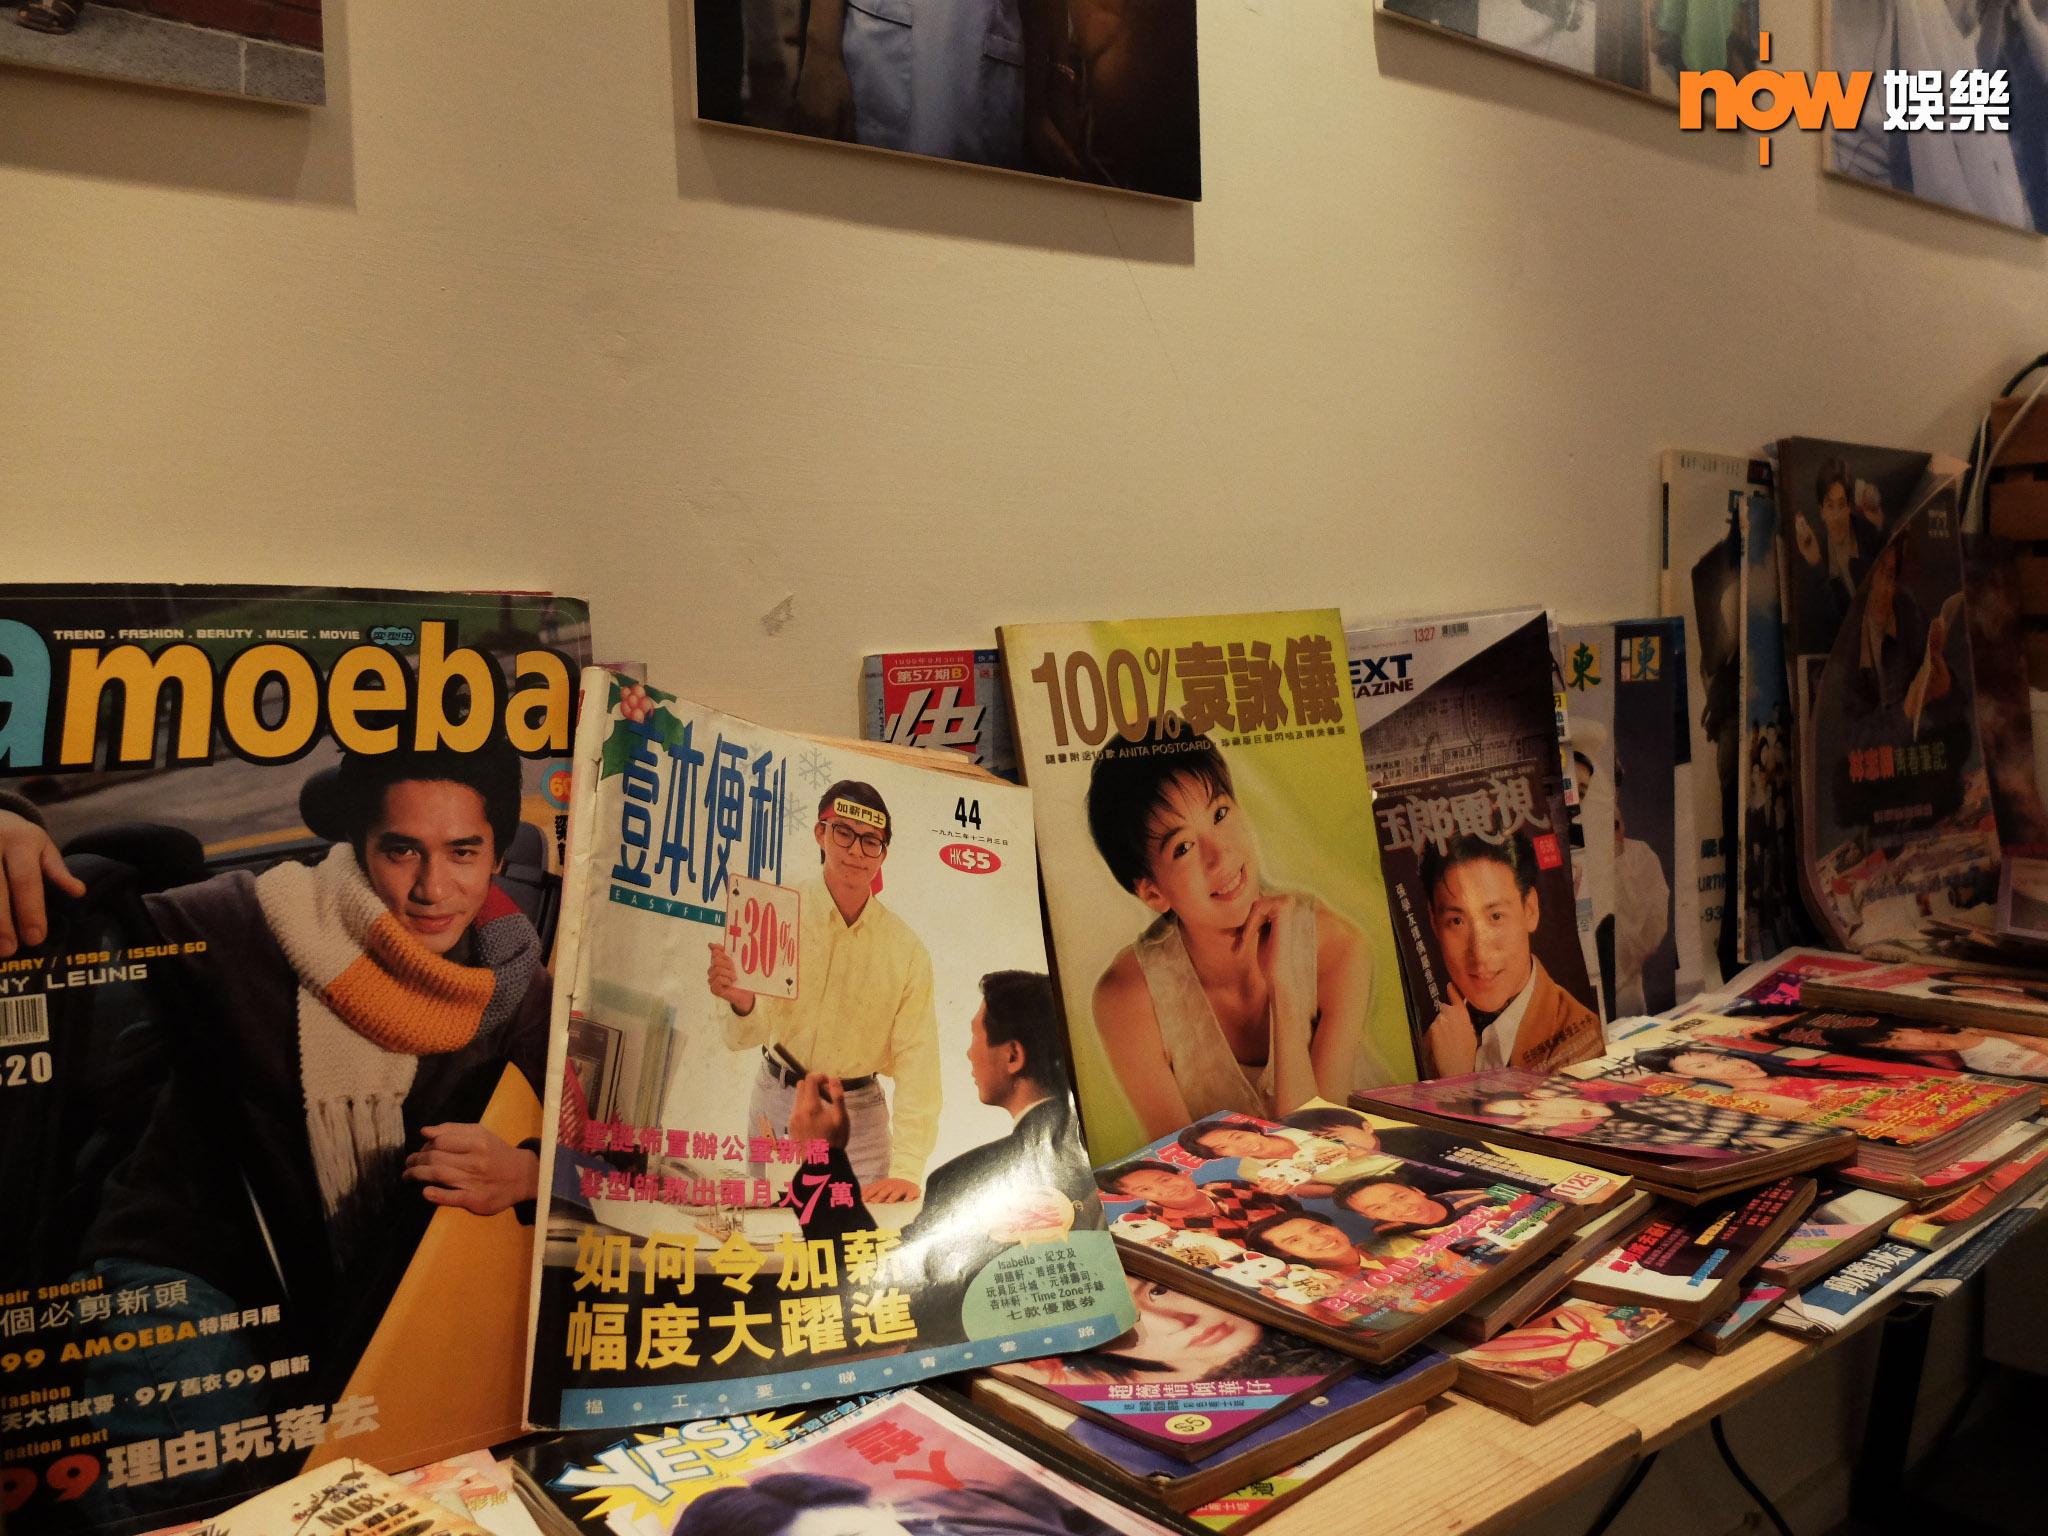 多本絕版雜誌,金電視、玉郎電視、香港電視,00年代的人聽都未聽過。